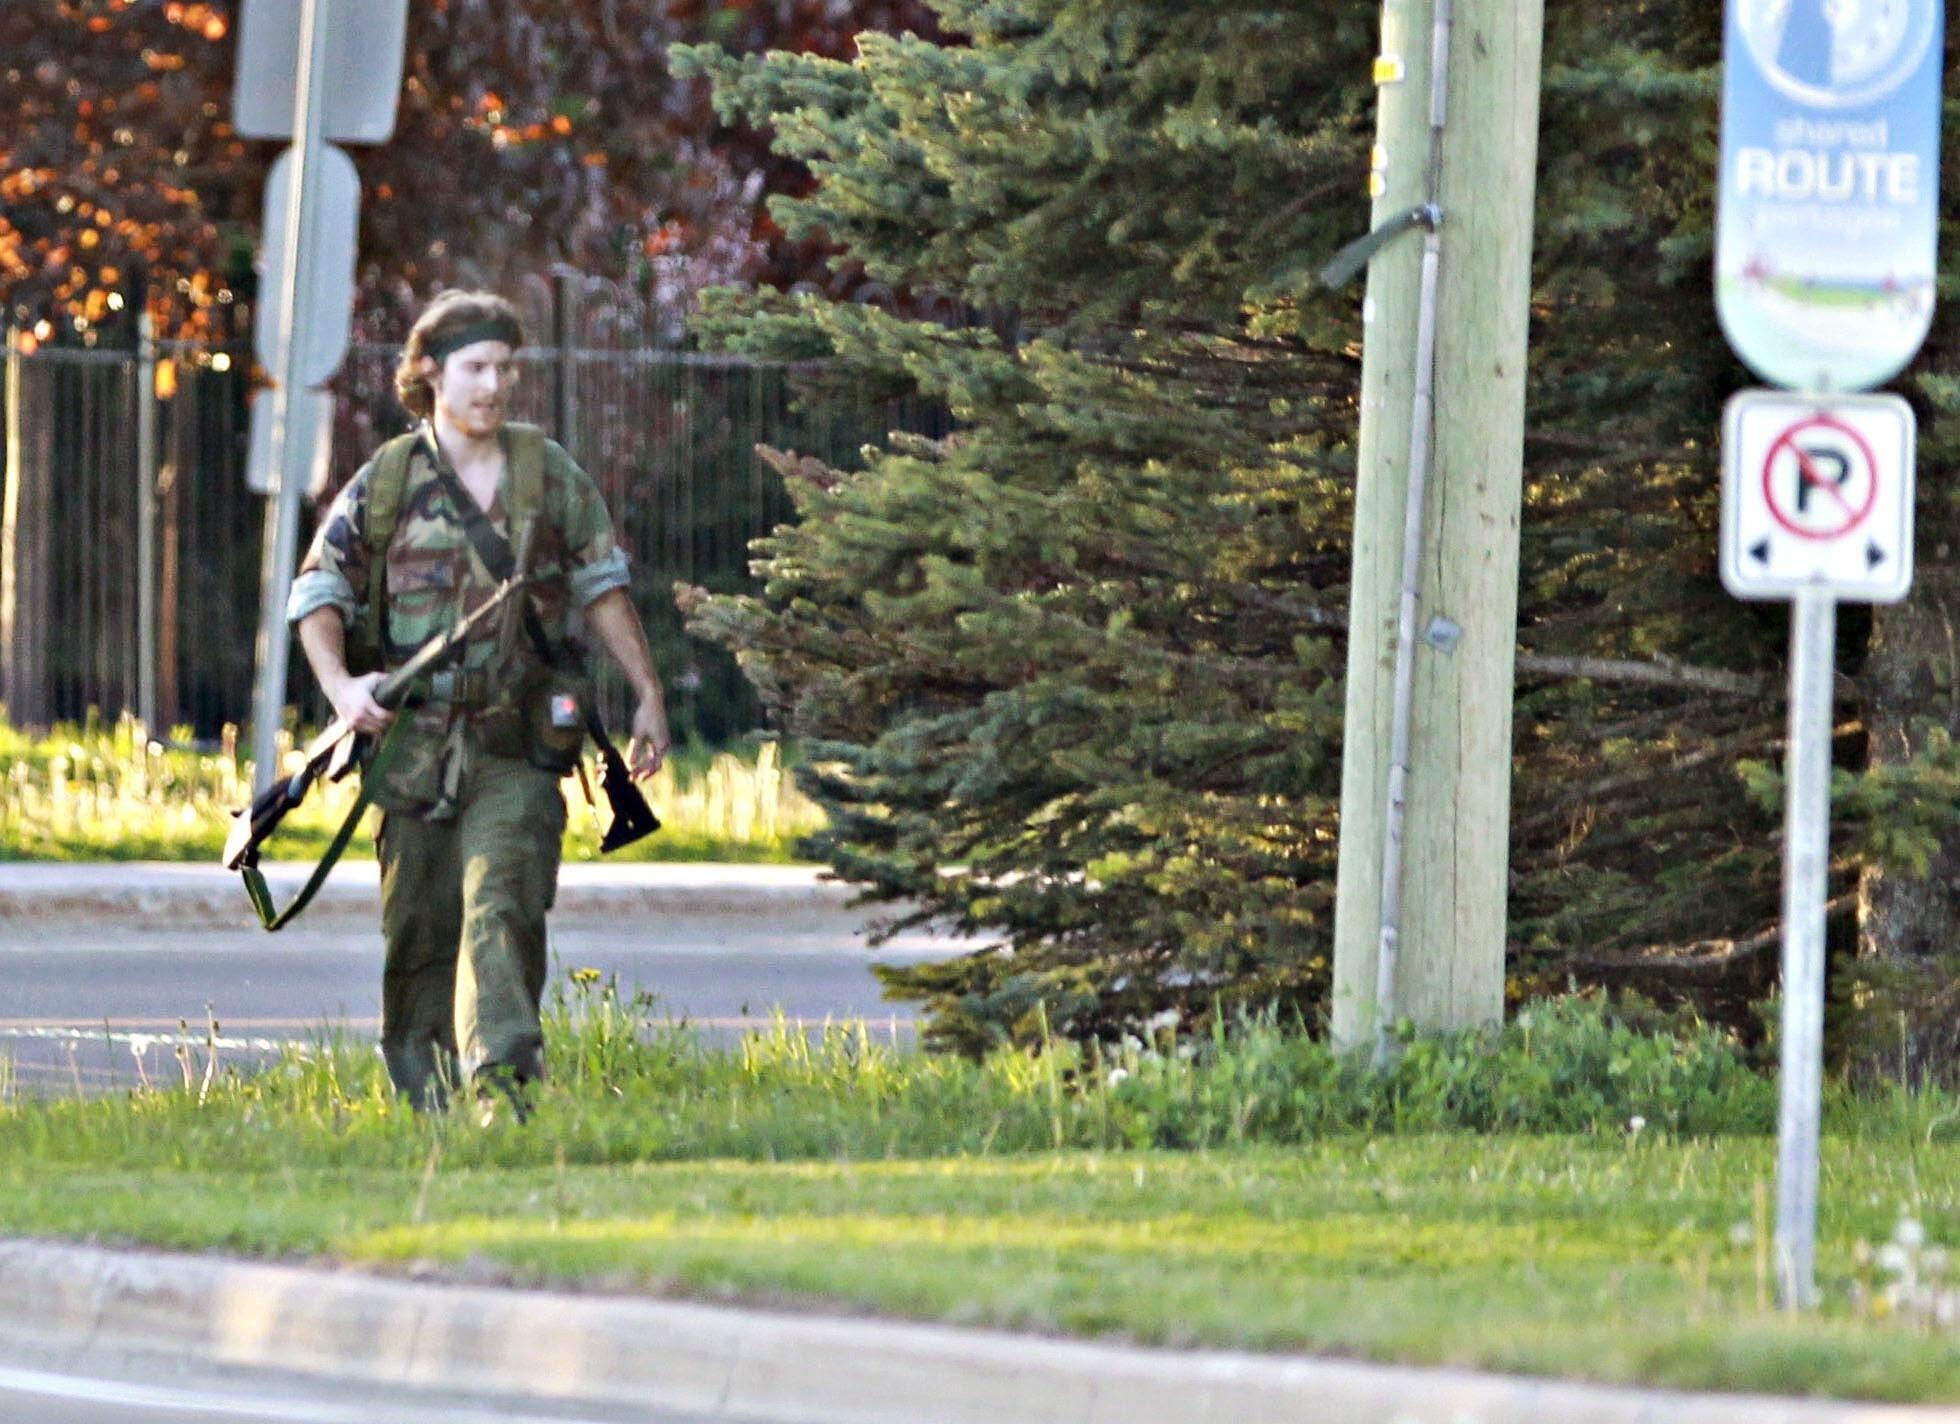 Imafgem de Justin Bourque caminhando pelas ruas de Moncton fortemente armado em 4 de junho de 2014.